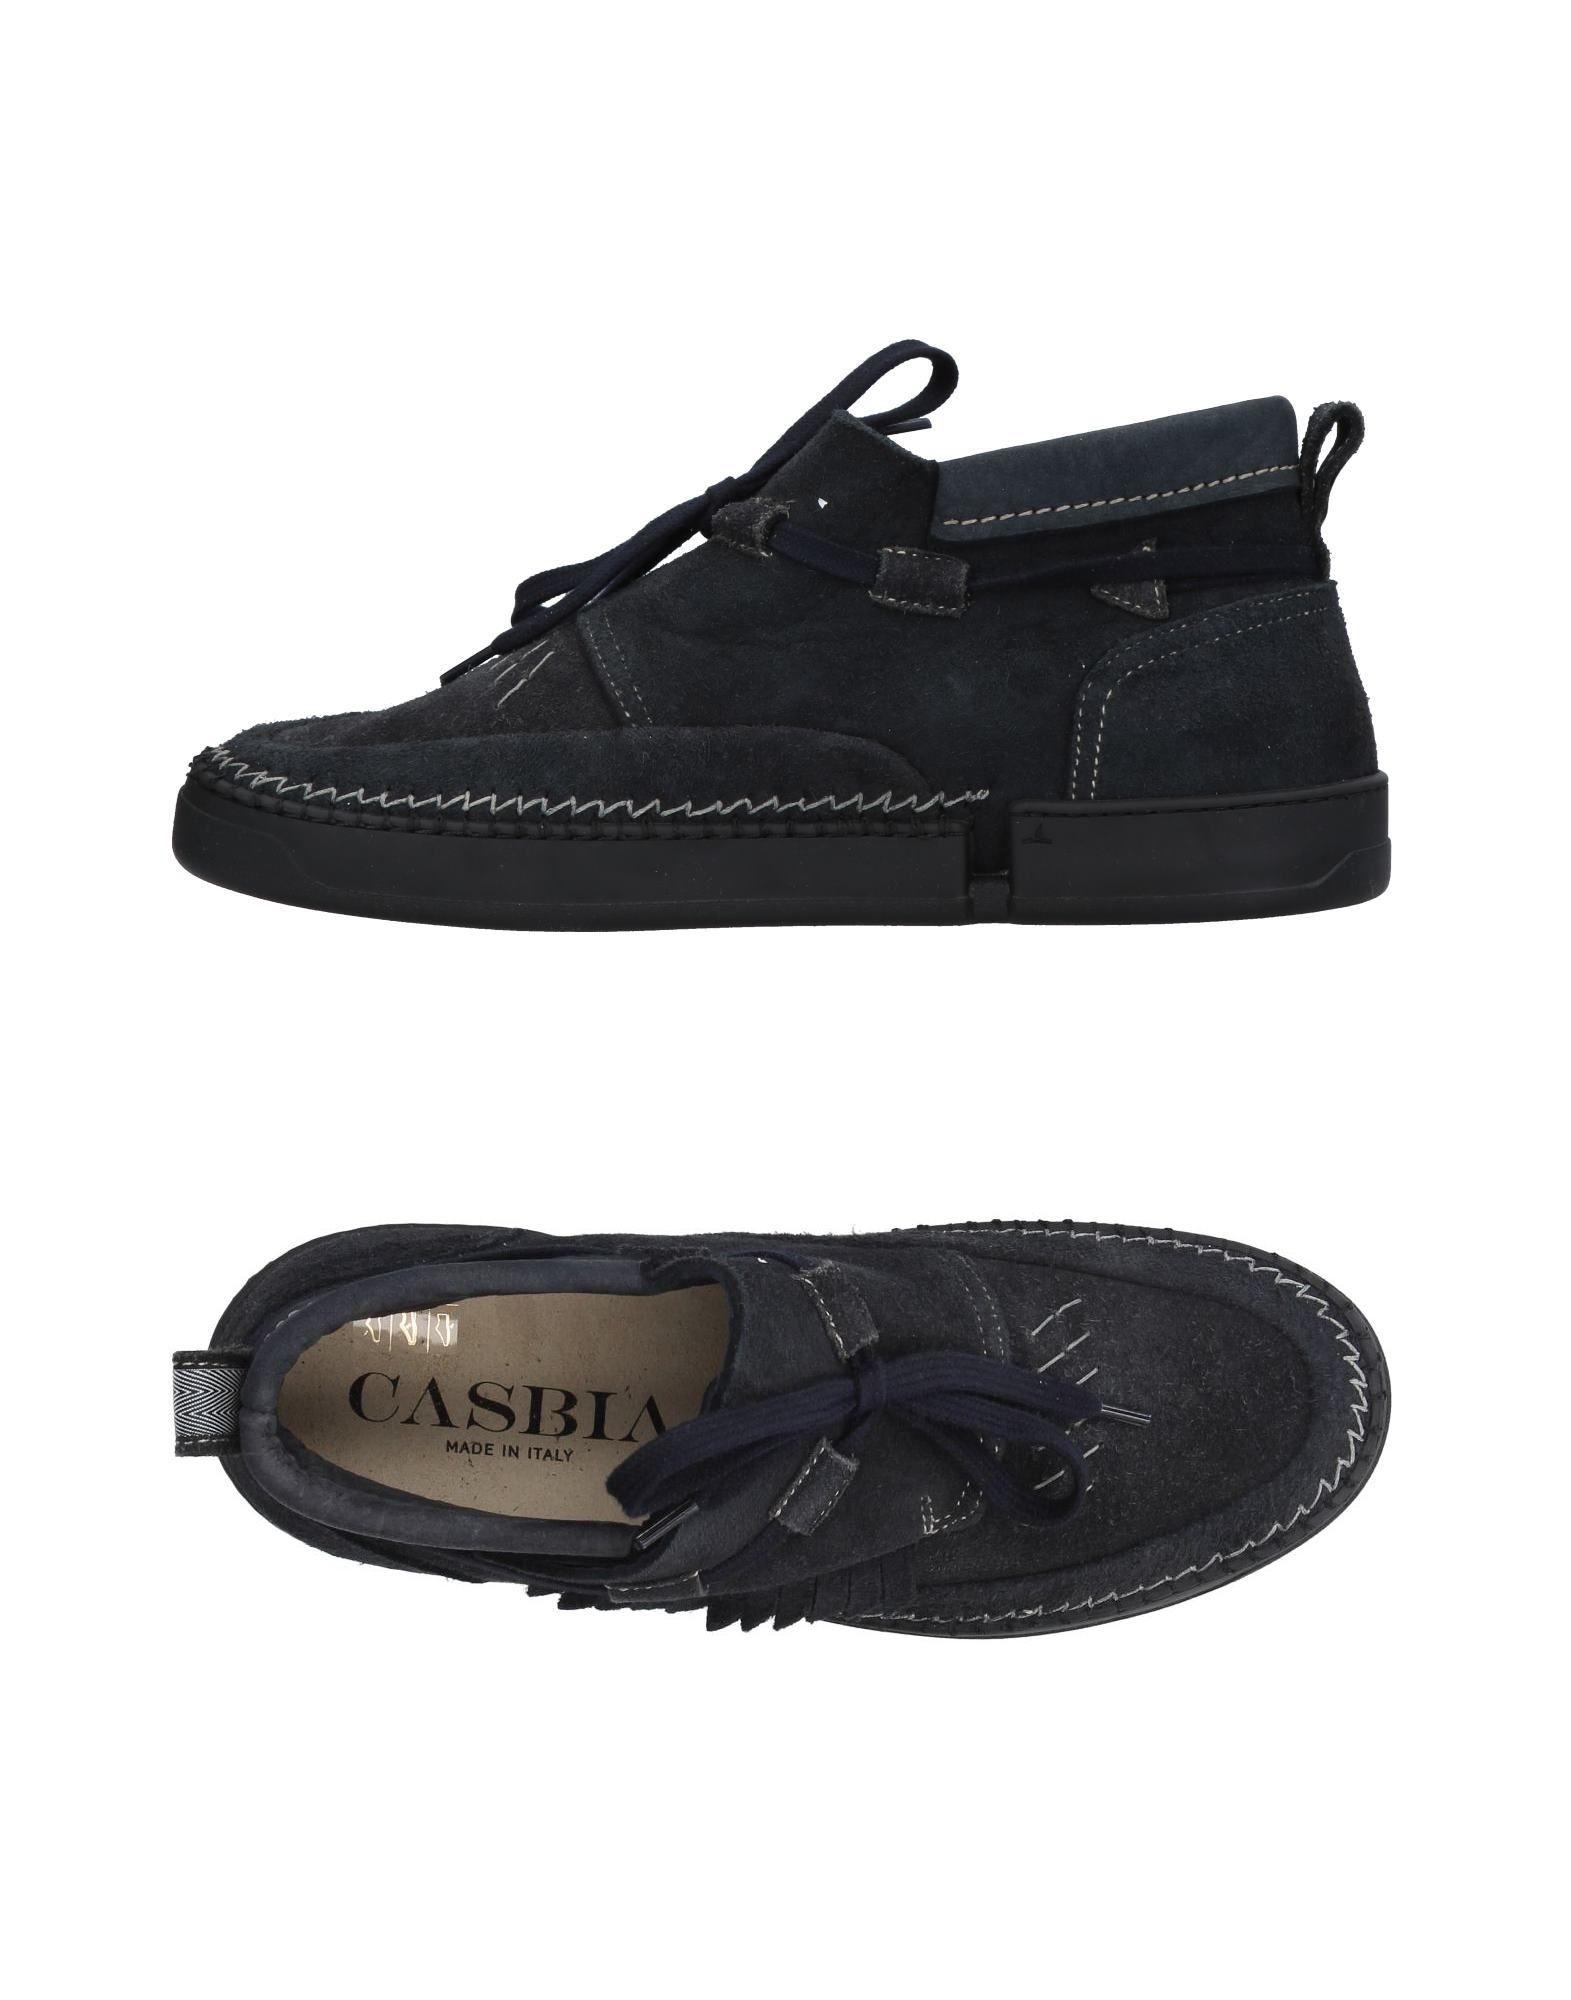 Sneakers Casbia Uomo - Acquista online su